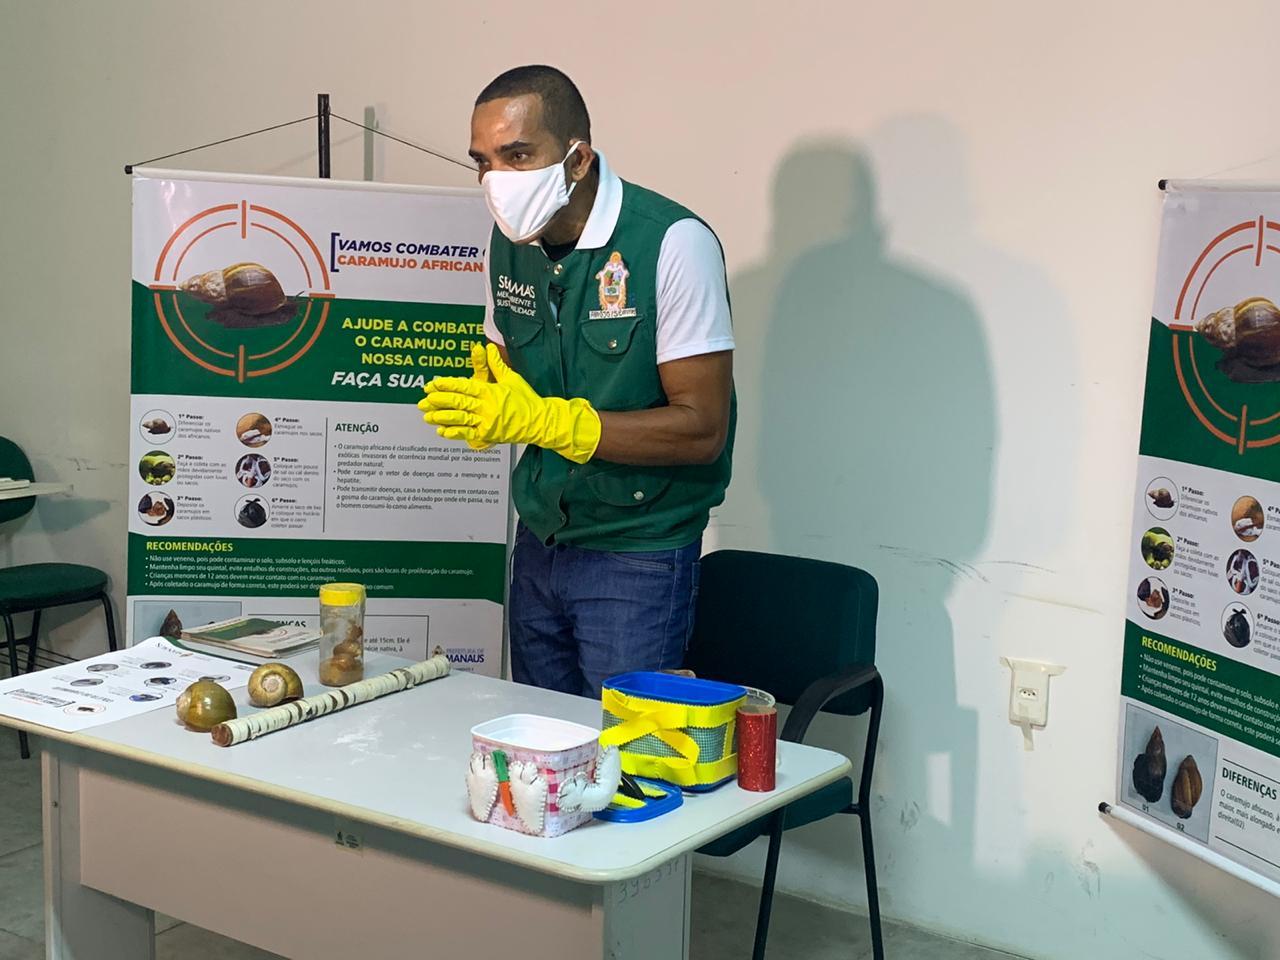 Prefeitura de Manaus orienta população no combate ao caramujo africano